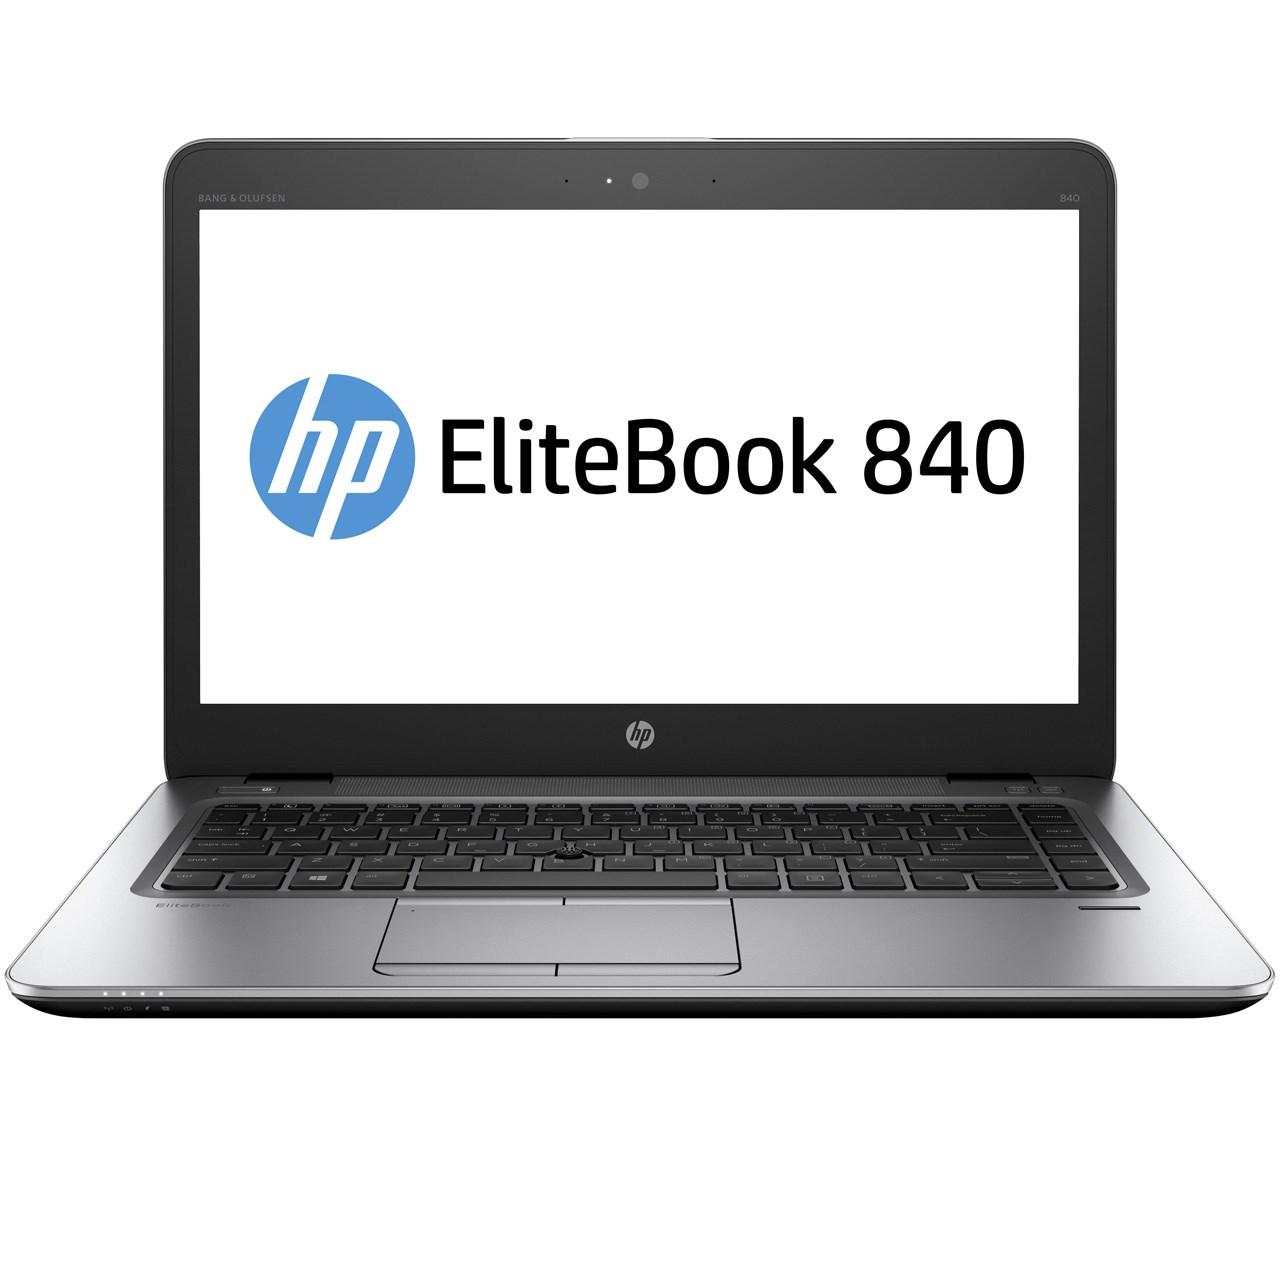 لپ تاپ 14 اینچی اچ پی مدل EliteBook 840 G3 - C